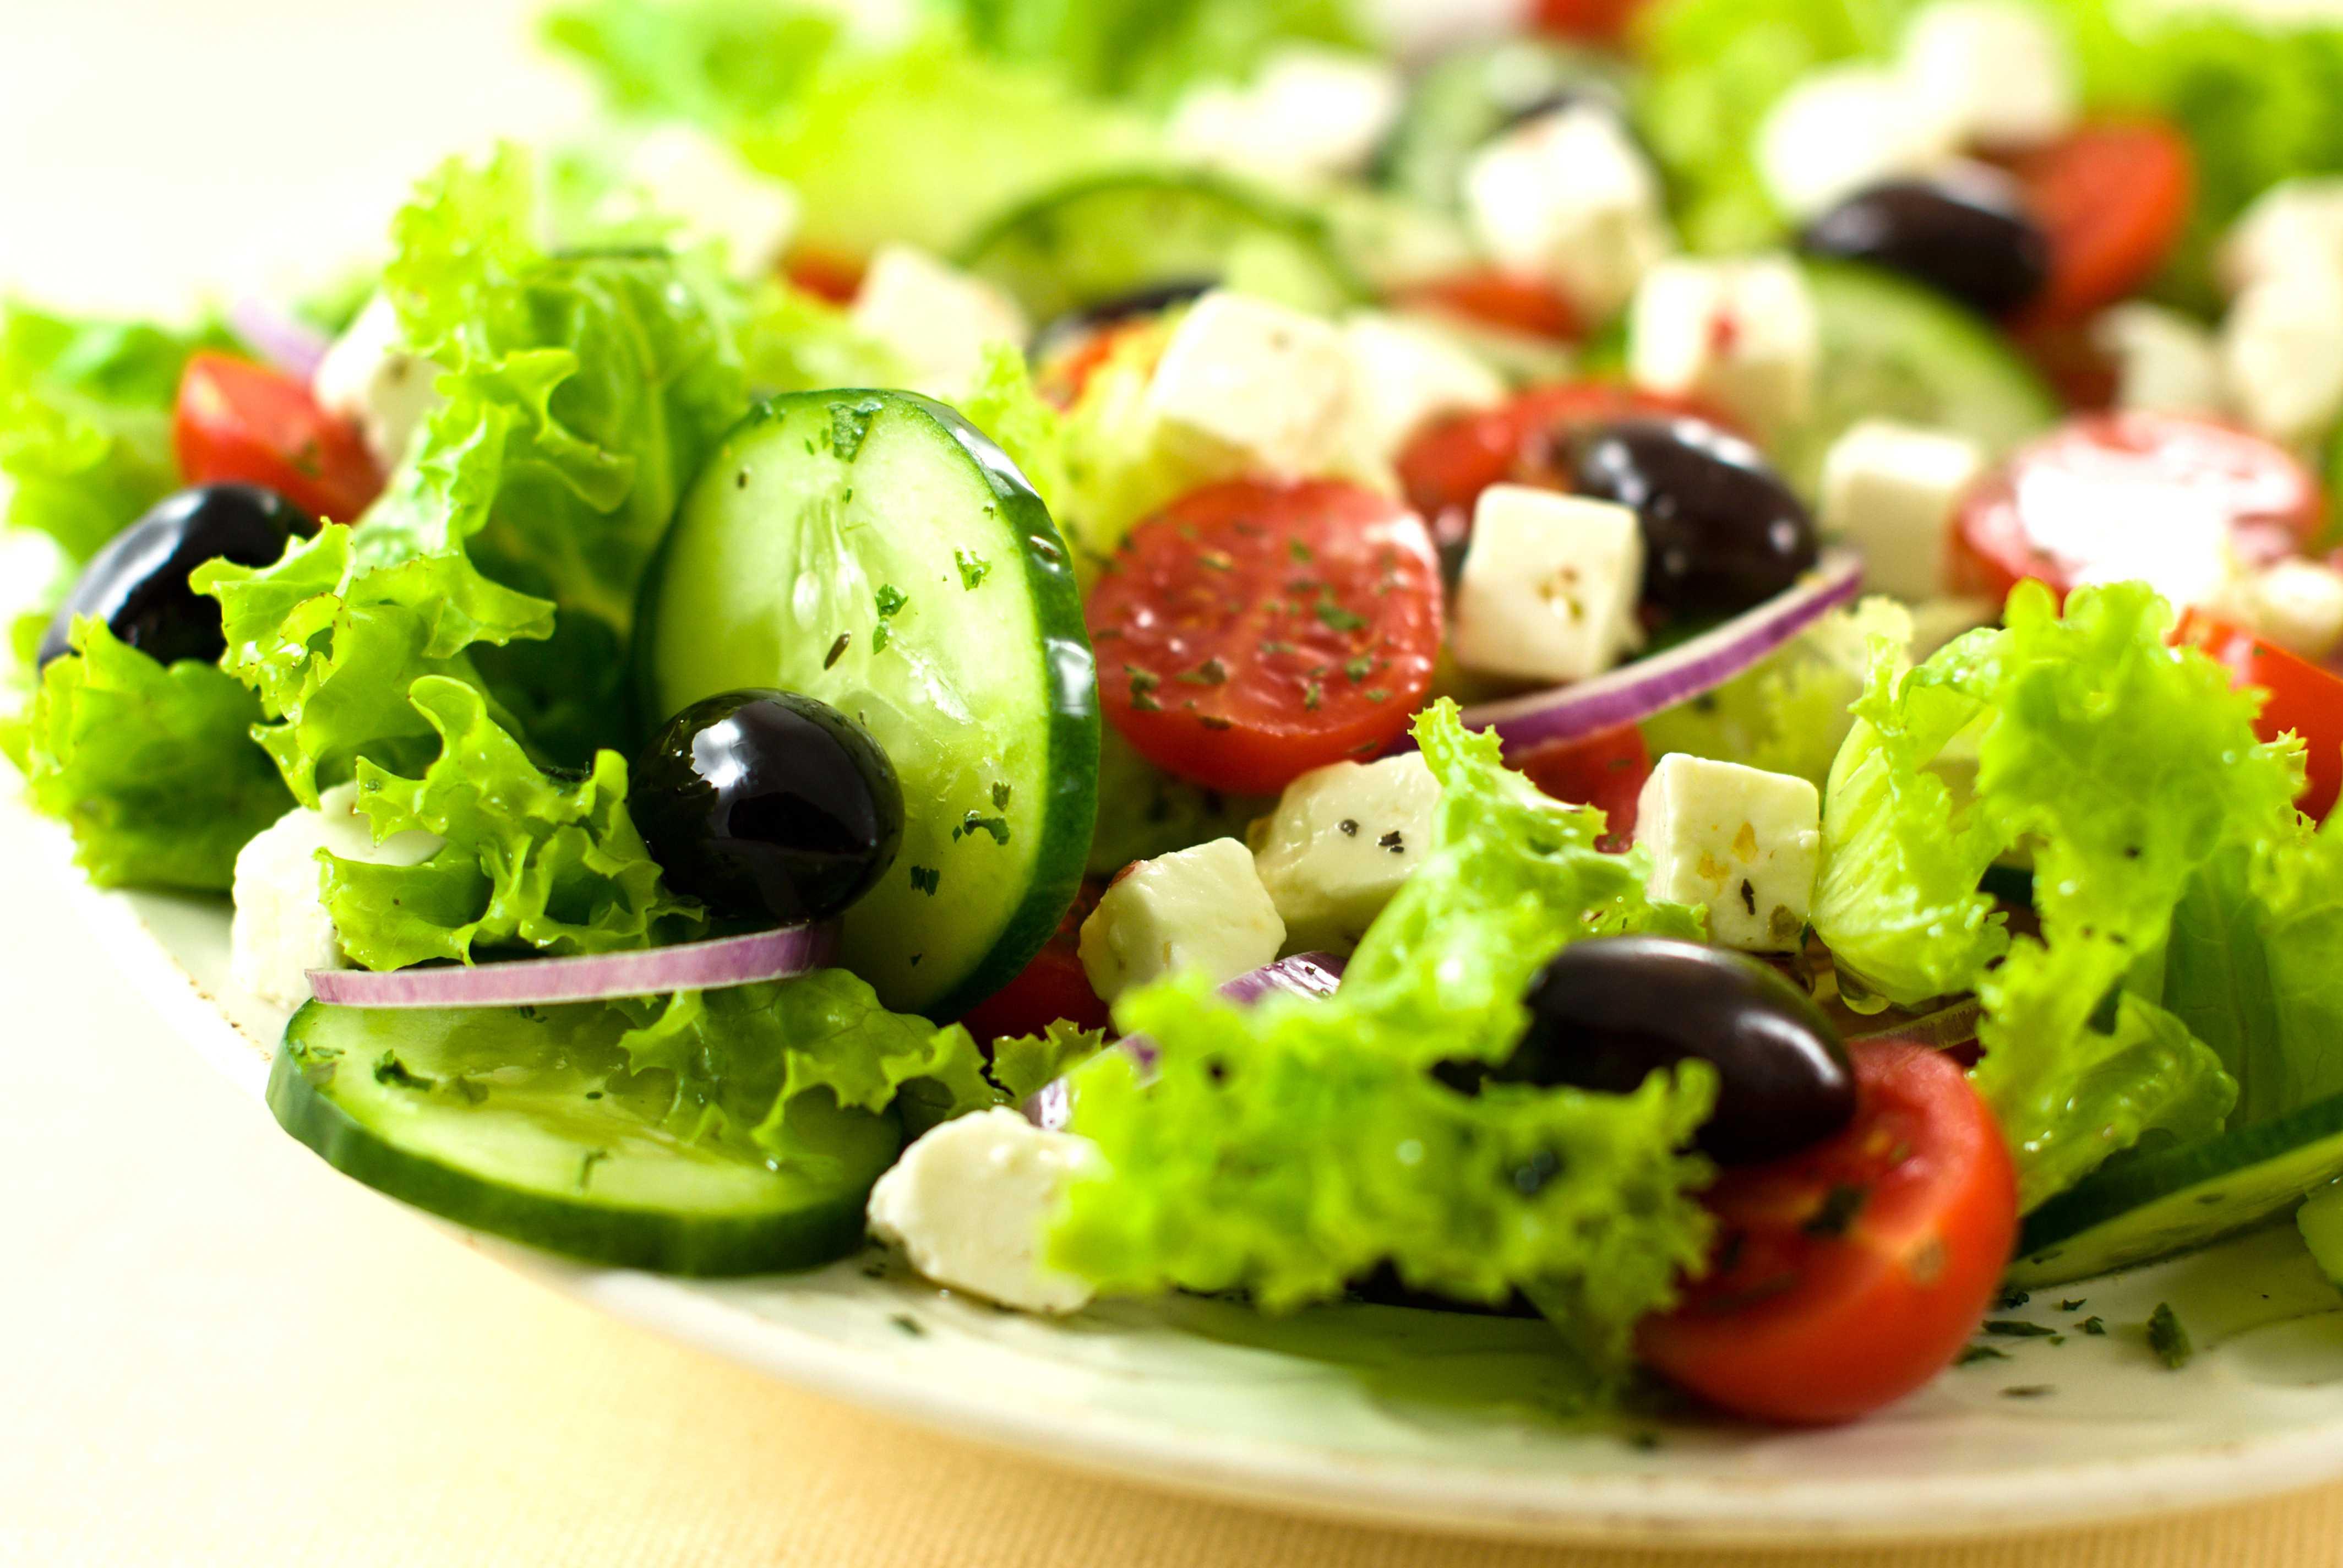 Bucataria greceasca, poate cel mai bine recunoscut pentru salata greceasca